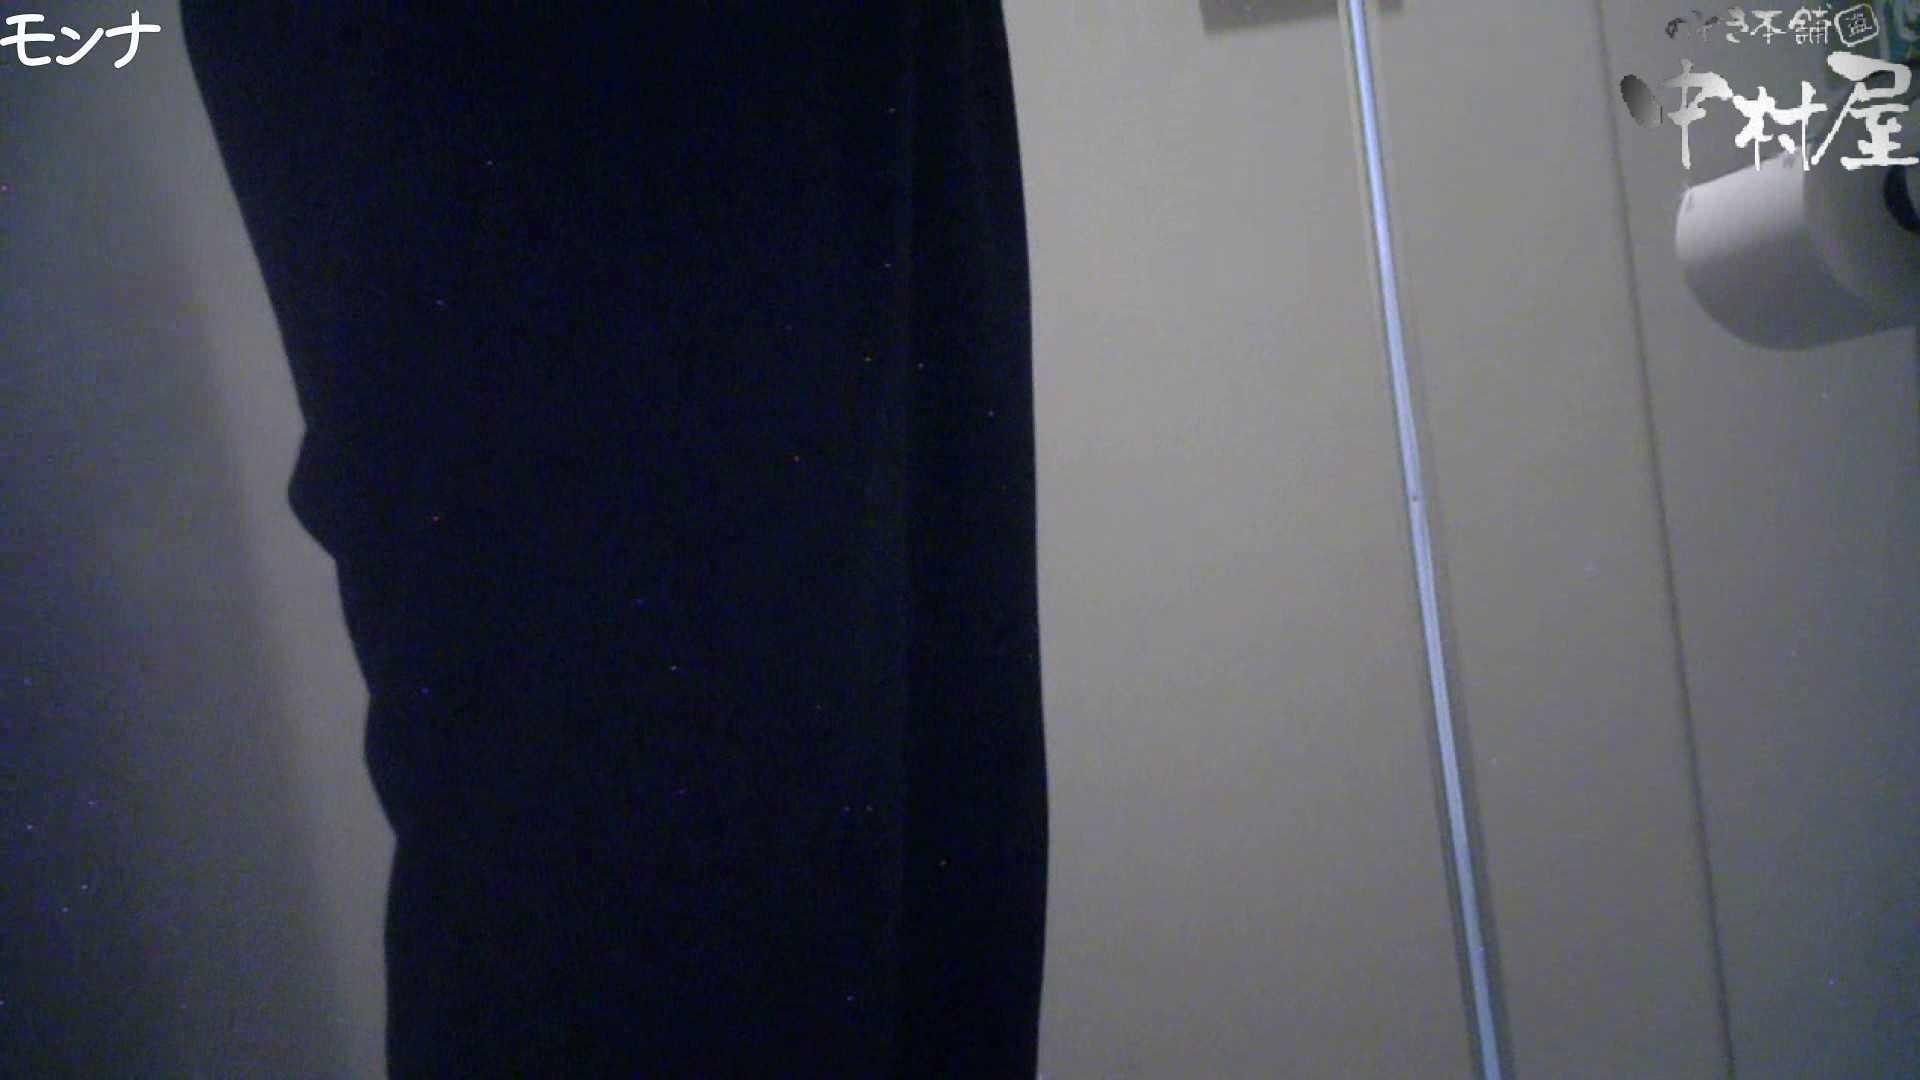 有名大学女性洗面所 vol.66 清楚系女子をがっつり!! 潜入突撃 盗み撮り動画キャプチャ 82pic 14